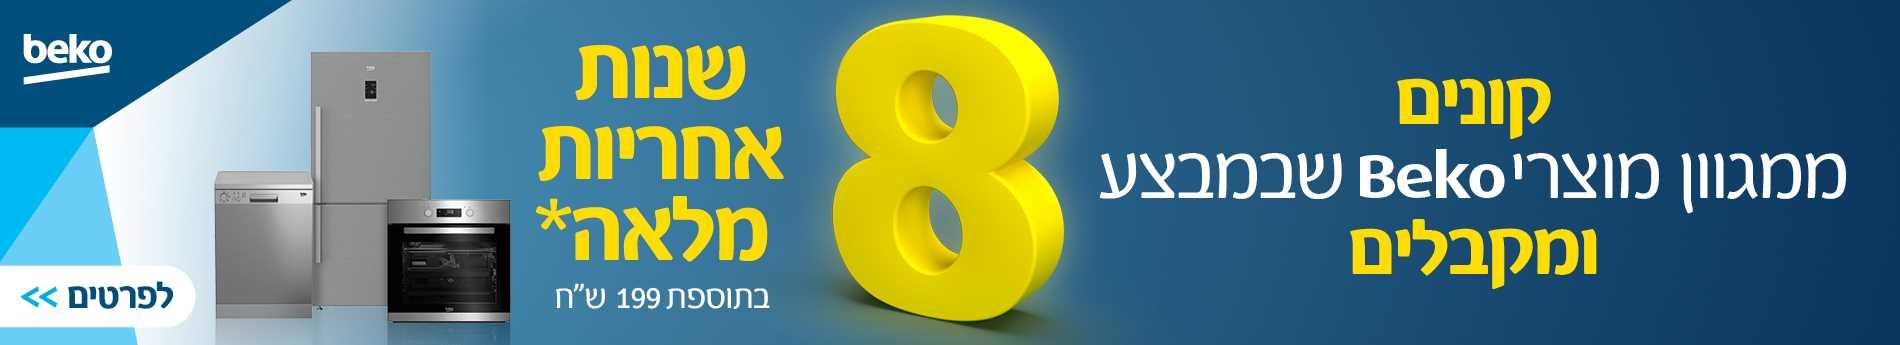 מוצרי מבצע BEKO 8 שנות אחריות ב 199 שח